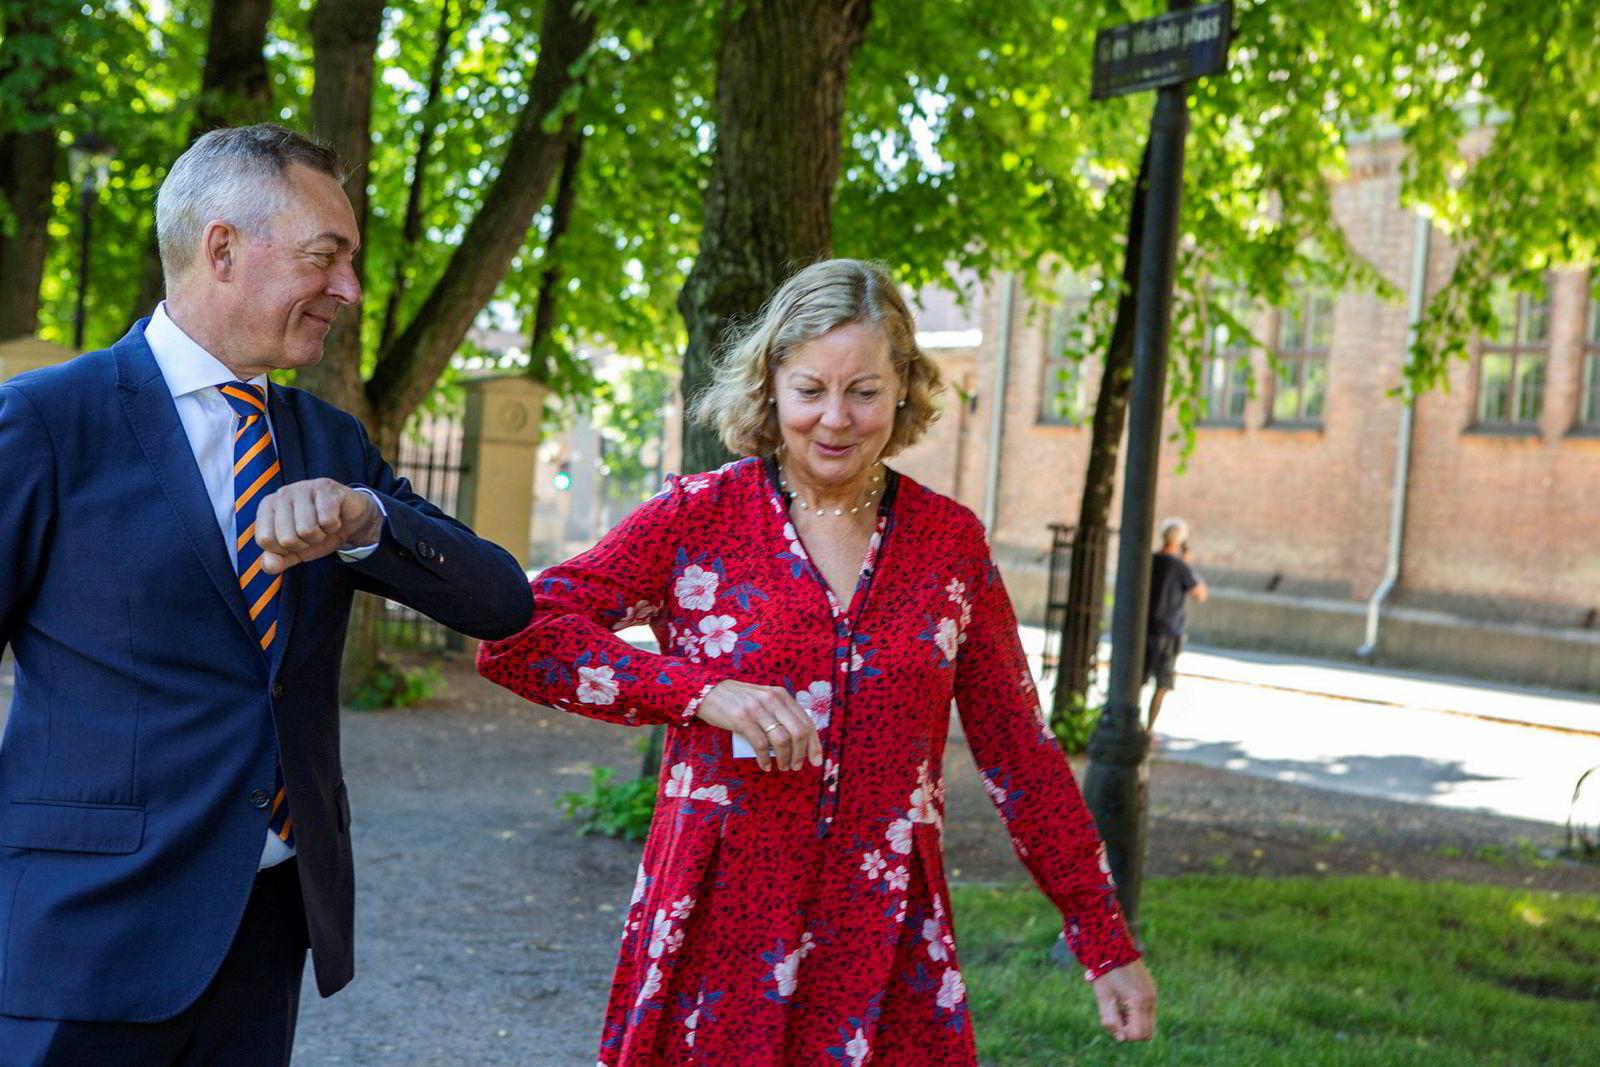 Forsvarsministeren og Berit Svendsen prøver å overholde reglene om sosial distanse når DN møter dem på Grev Wedels plass.